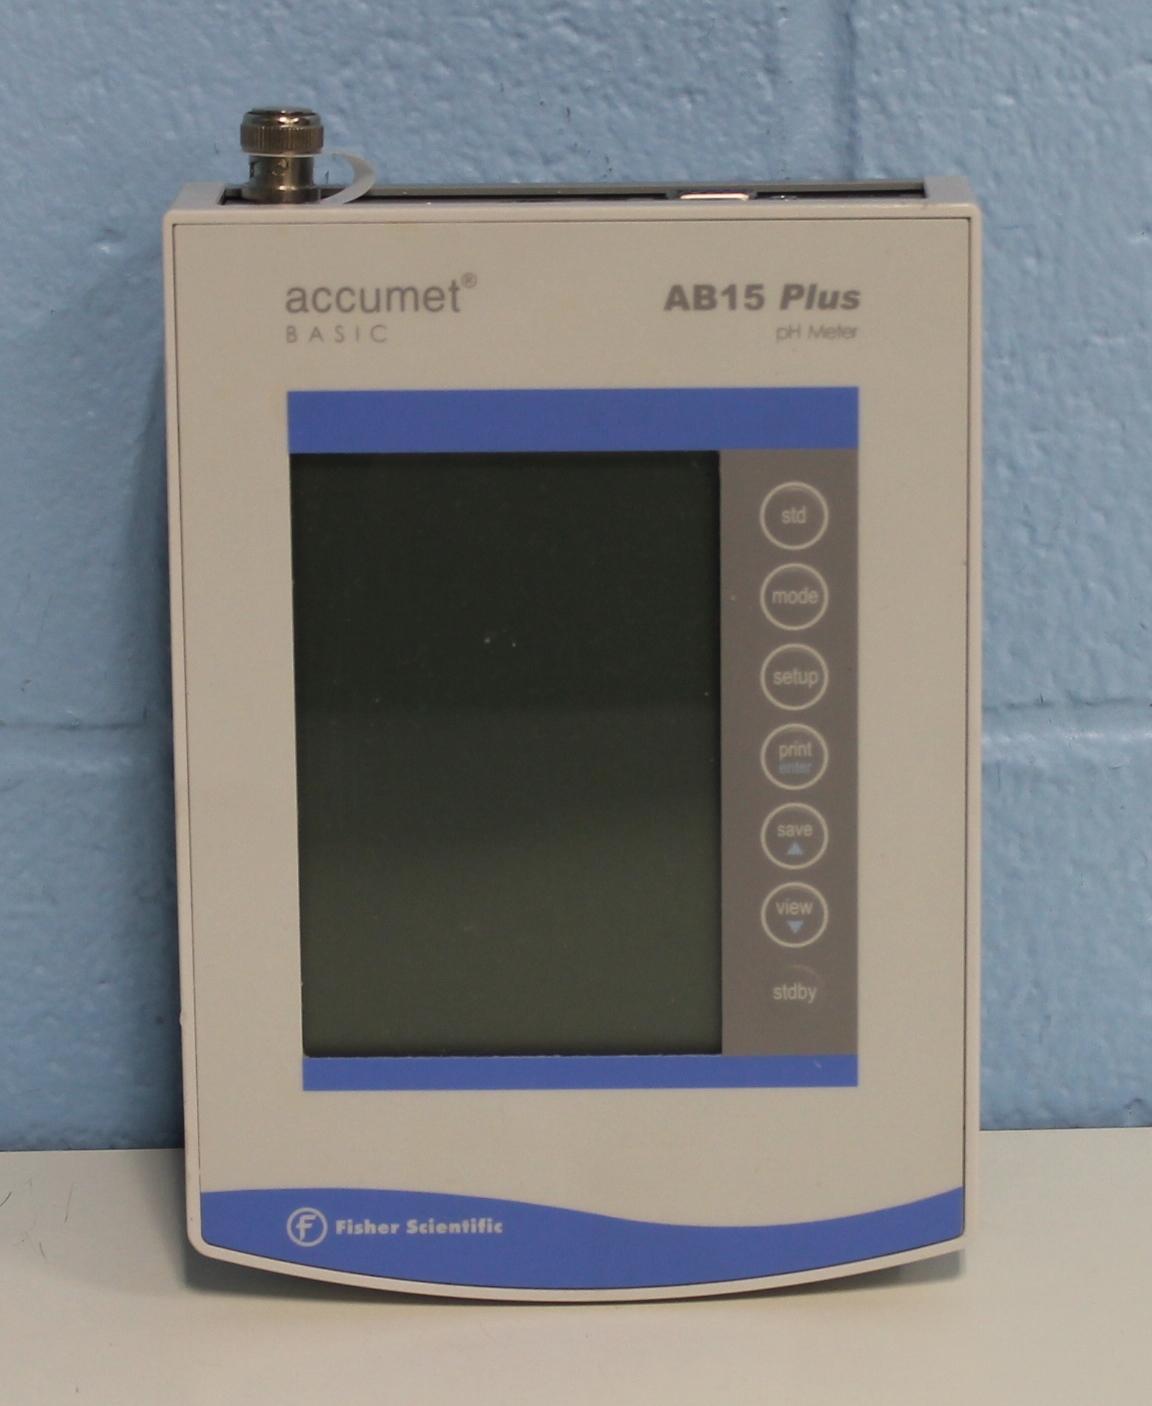 Fisher Scientific Accumet Basic AB15 Plus pH/mV/C Meter Image